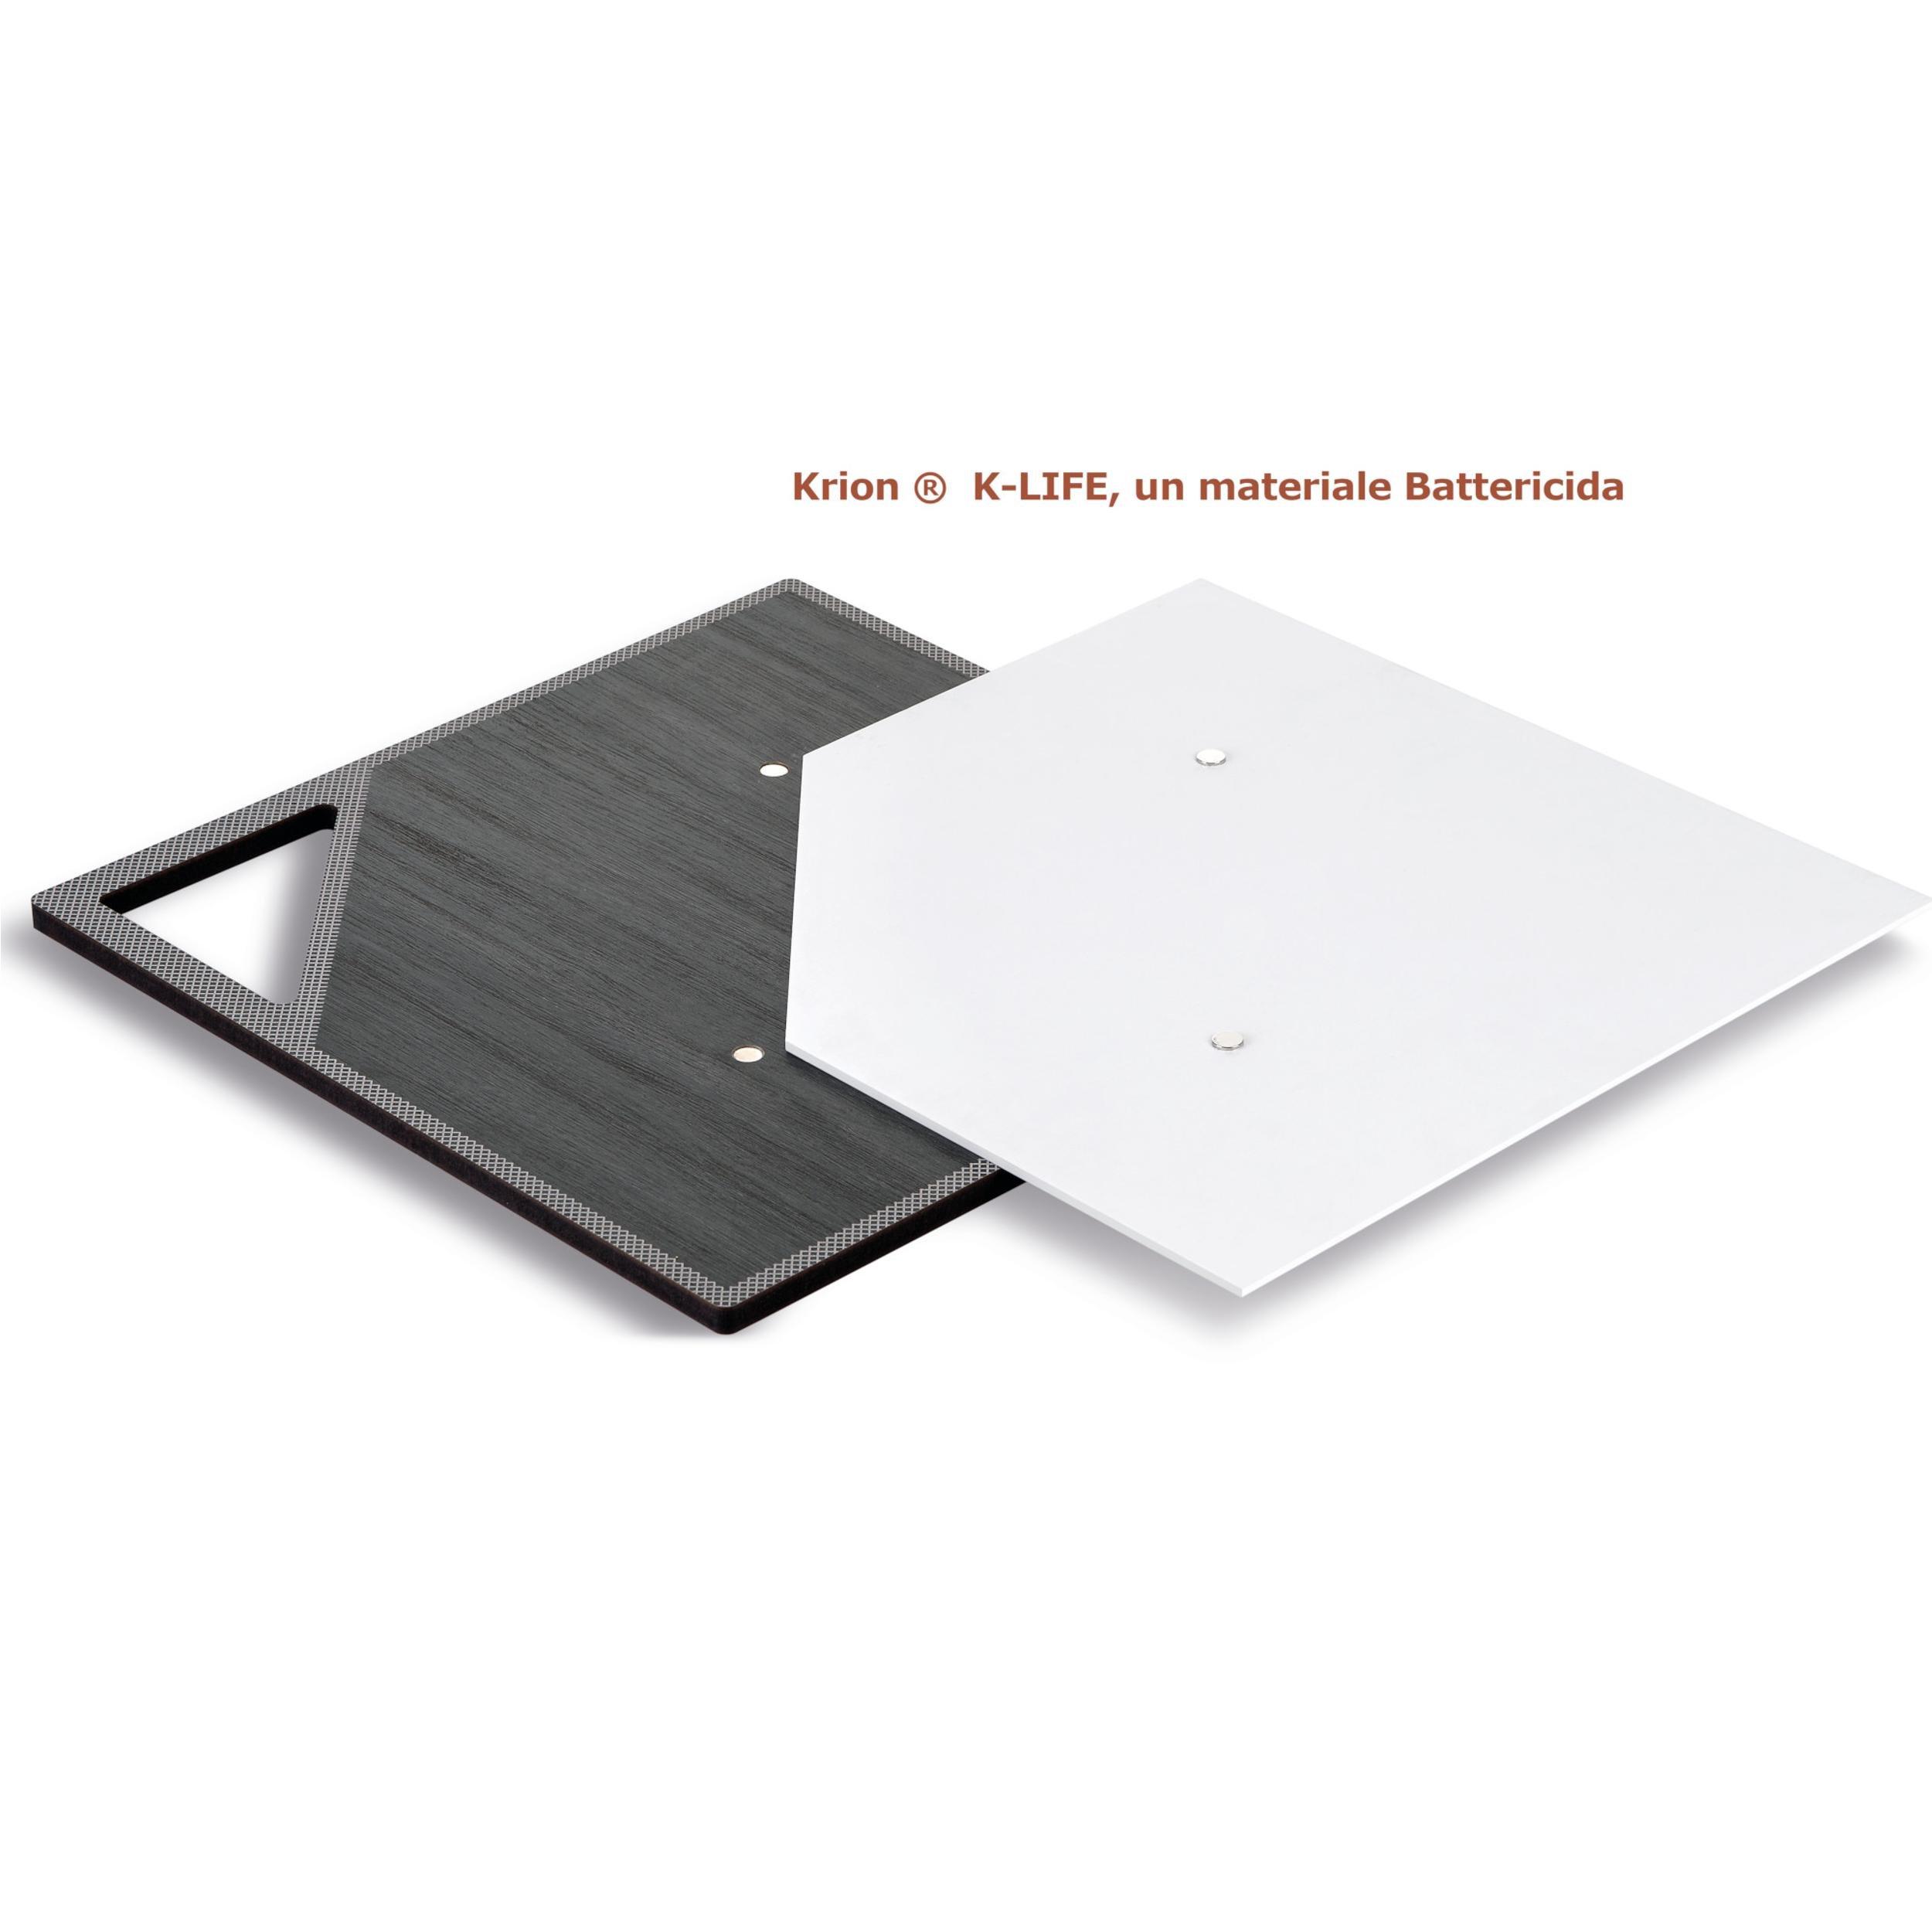 Tagliere Per Piano Cucina tagliere da cucina quadrato in legno con piano in krion k-like black  34x34cm sicuro per la salute , battericida | ves design